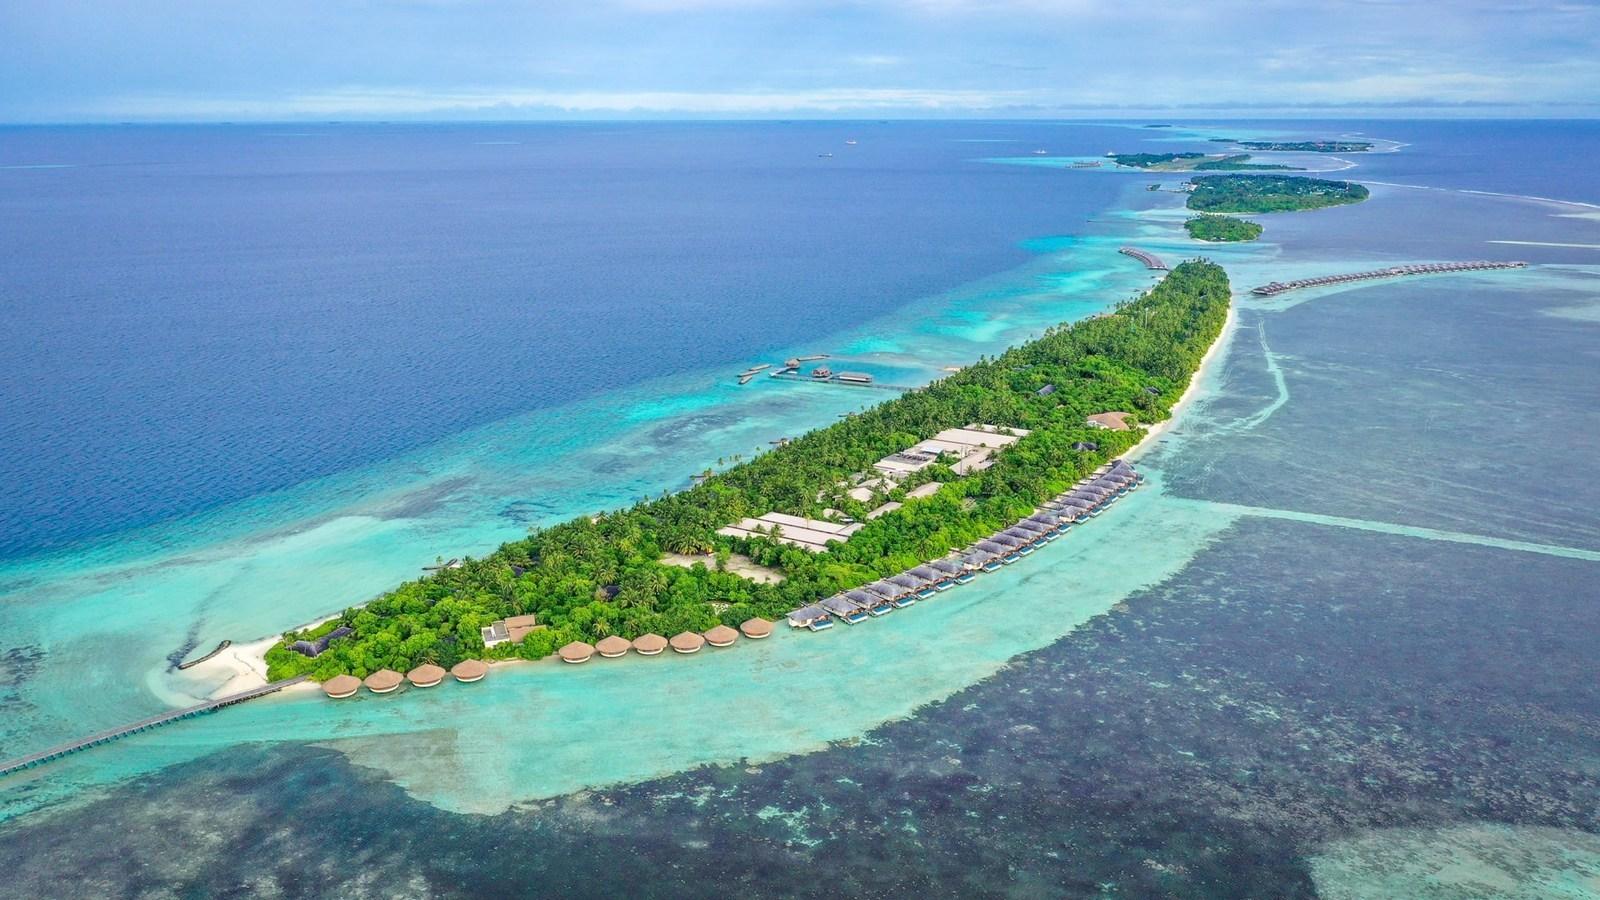 Мальдивы, отель The Residence Maldives at Dhigurah